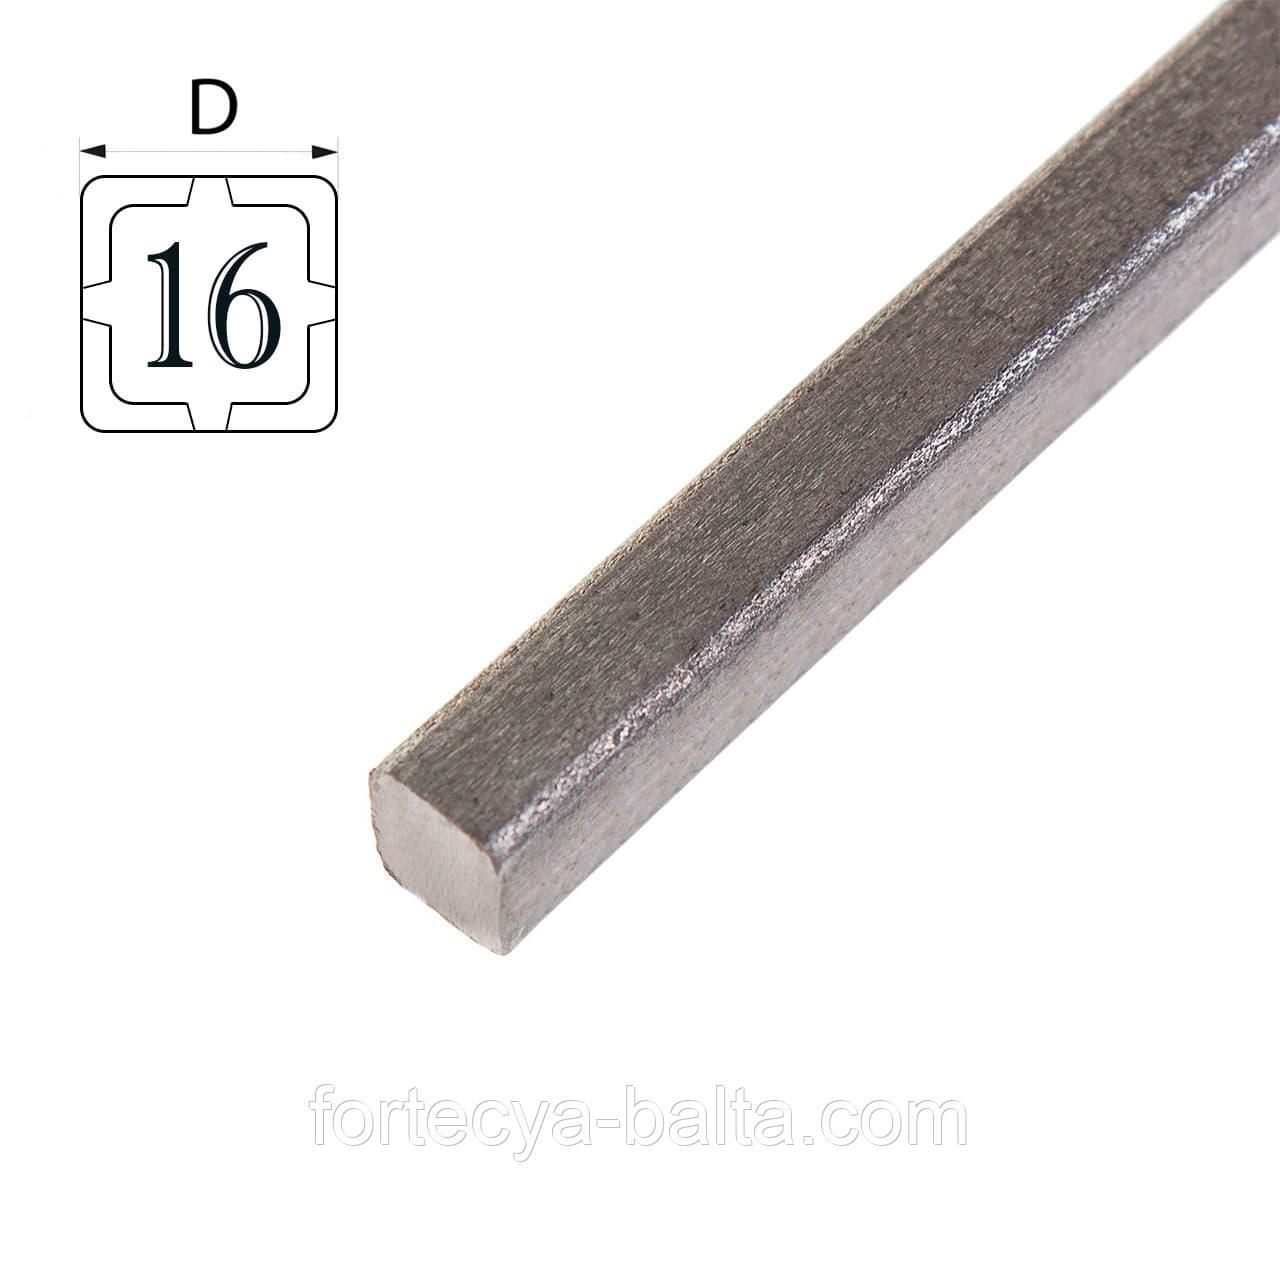 Квадрат металлический 16мм фото